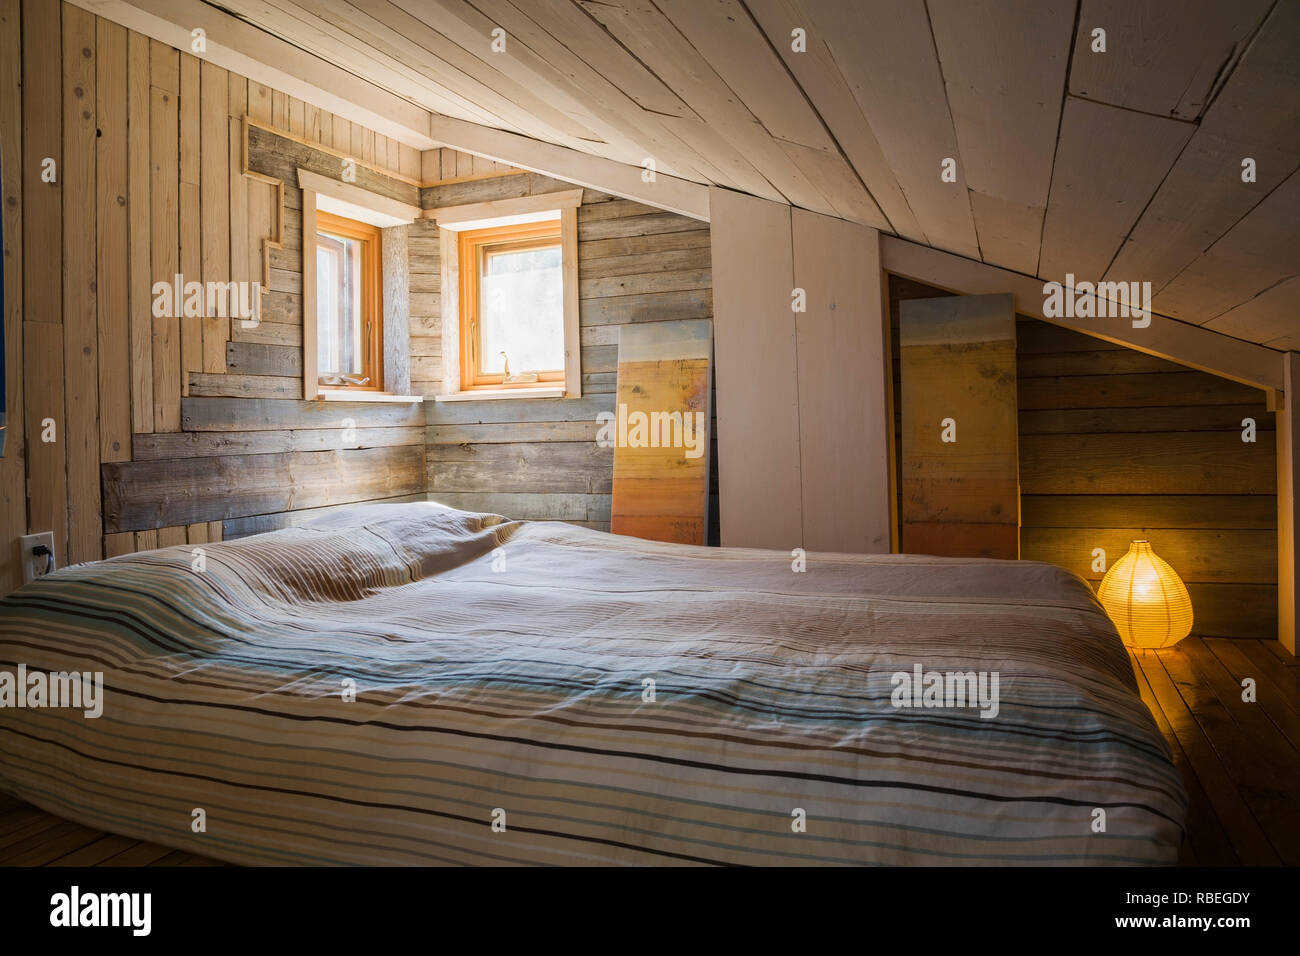 Chambre Avec Mezzanine En Bois Ancienne Grange Murs Plafond En